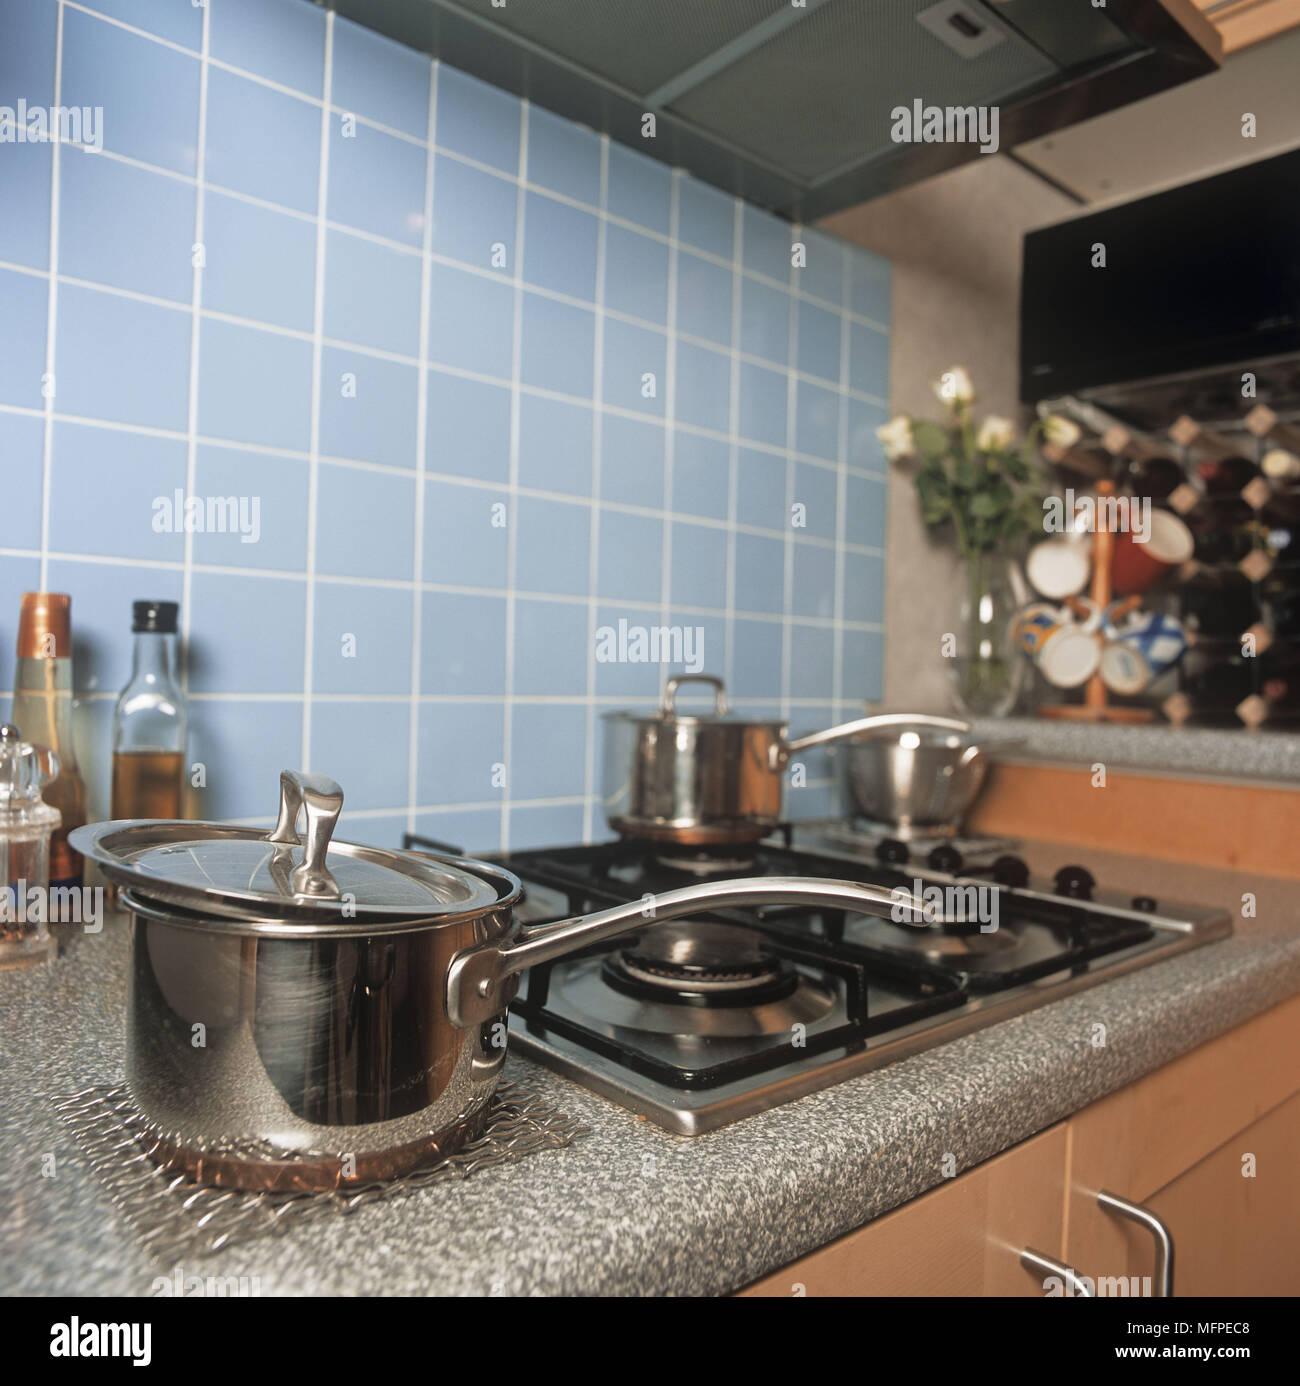 Tolle Küchen Designs Mit Doppelwand öfen Fotos - Ideen Für Die Küche ...